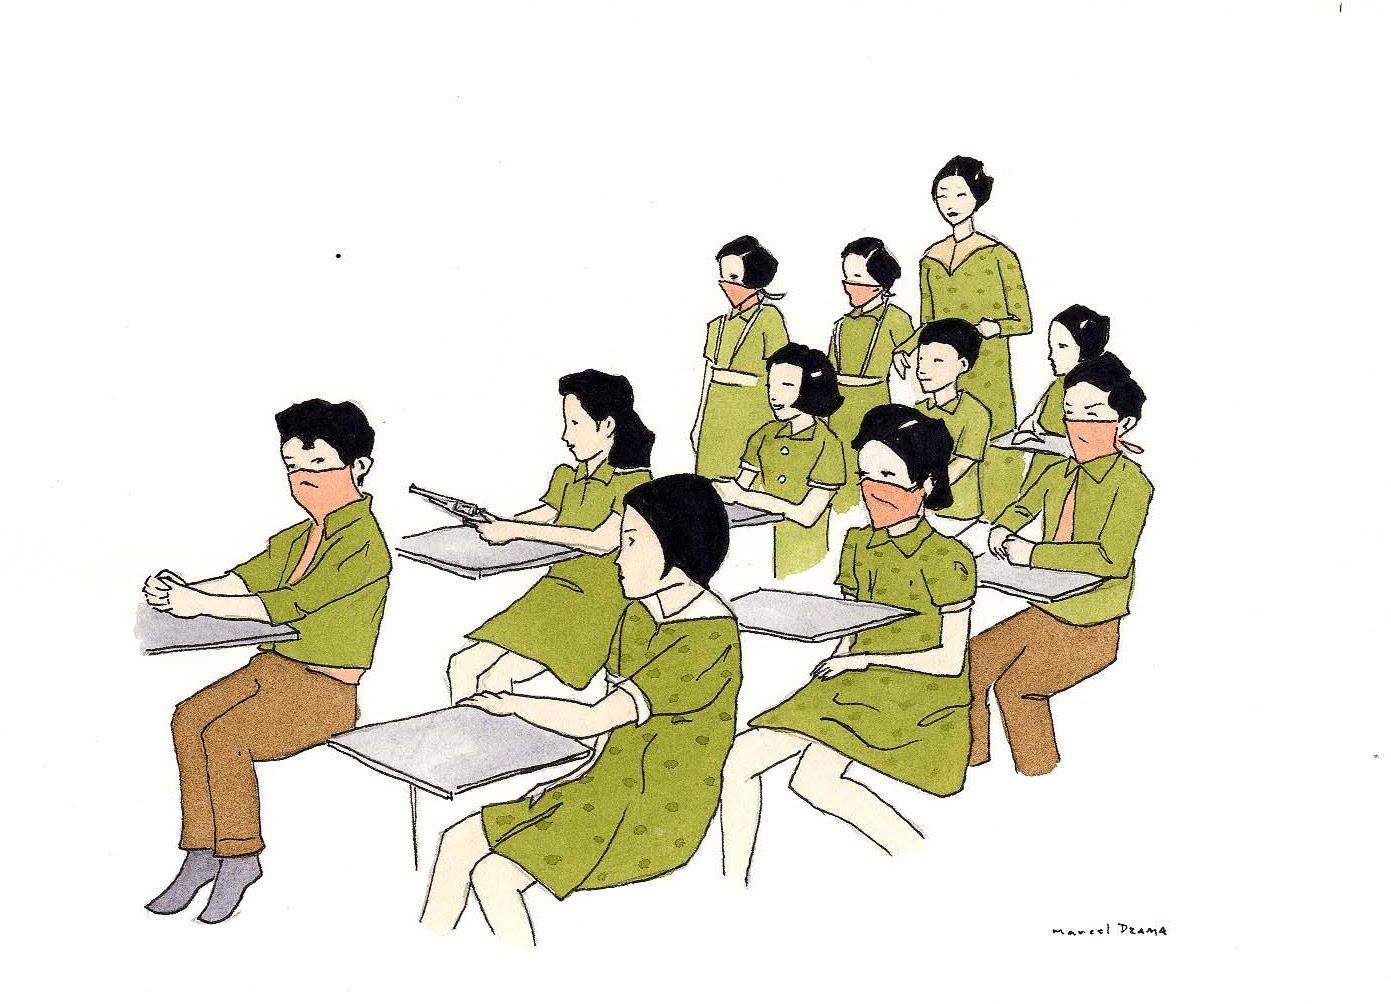 http://3.bp.blogspot.com/-7nvKbb_VYE8/TV39vakuBeI/AAAAAAAAFt8/JzbuS8JkC1k/s1600/dzama_masked_children_classroom_girl_gun.jpg